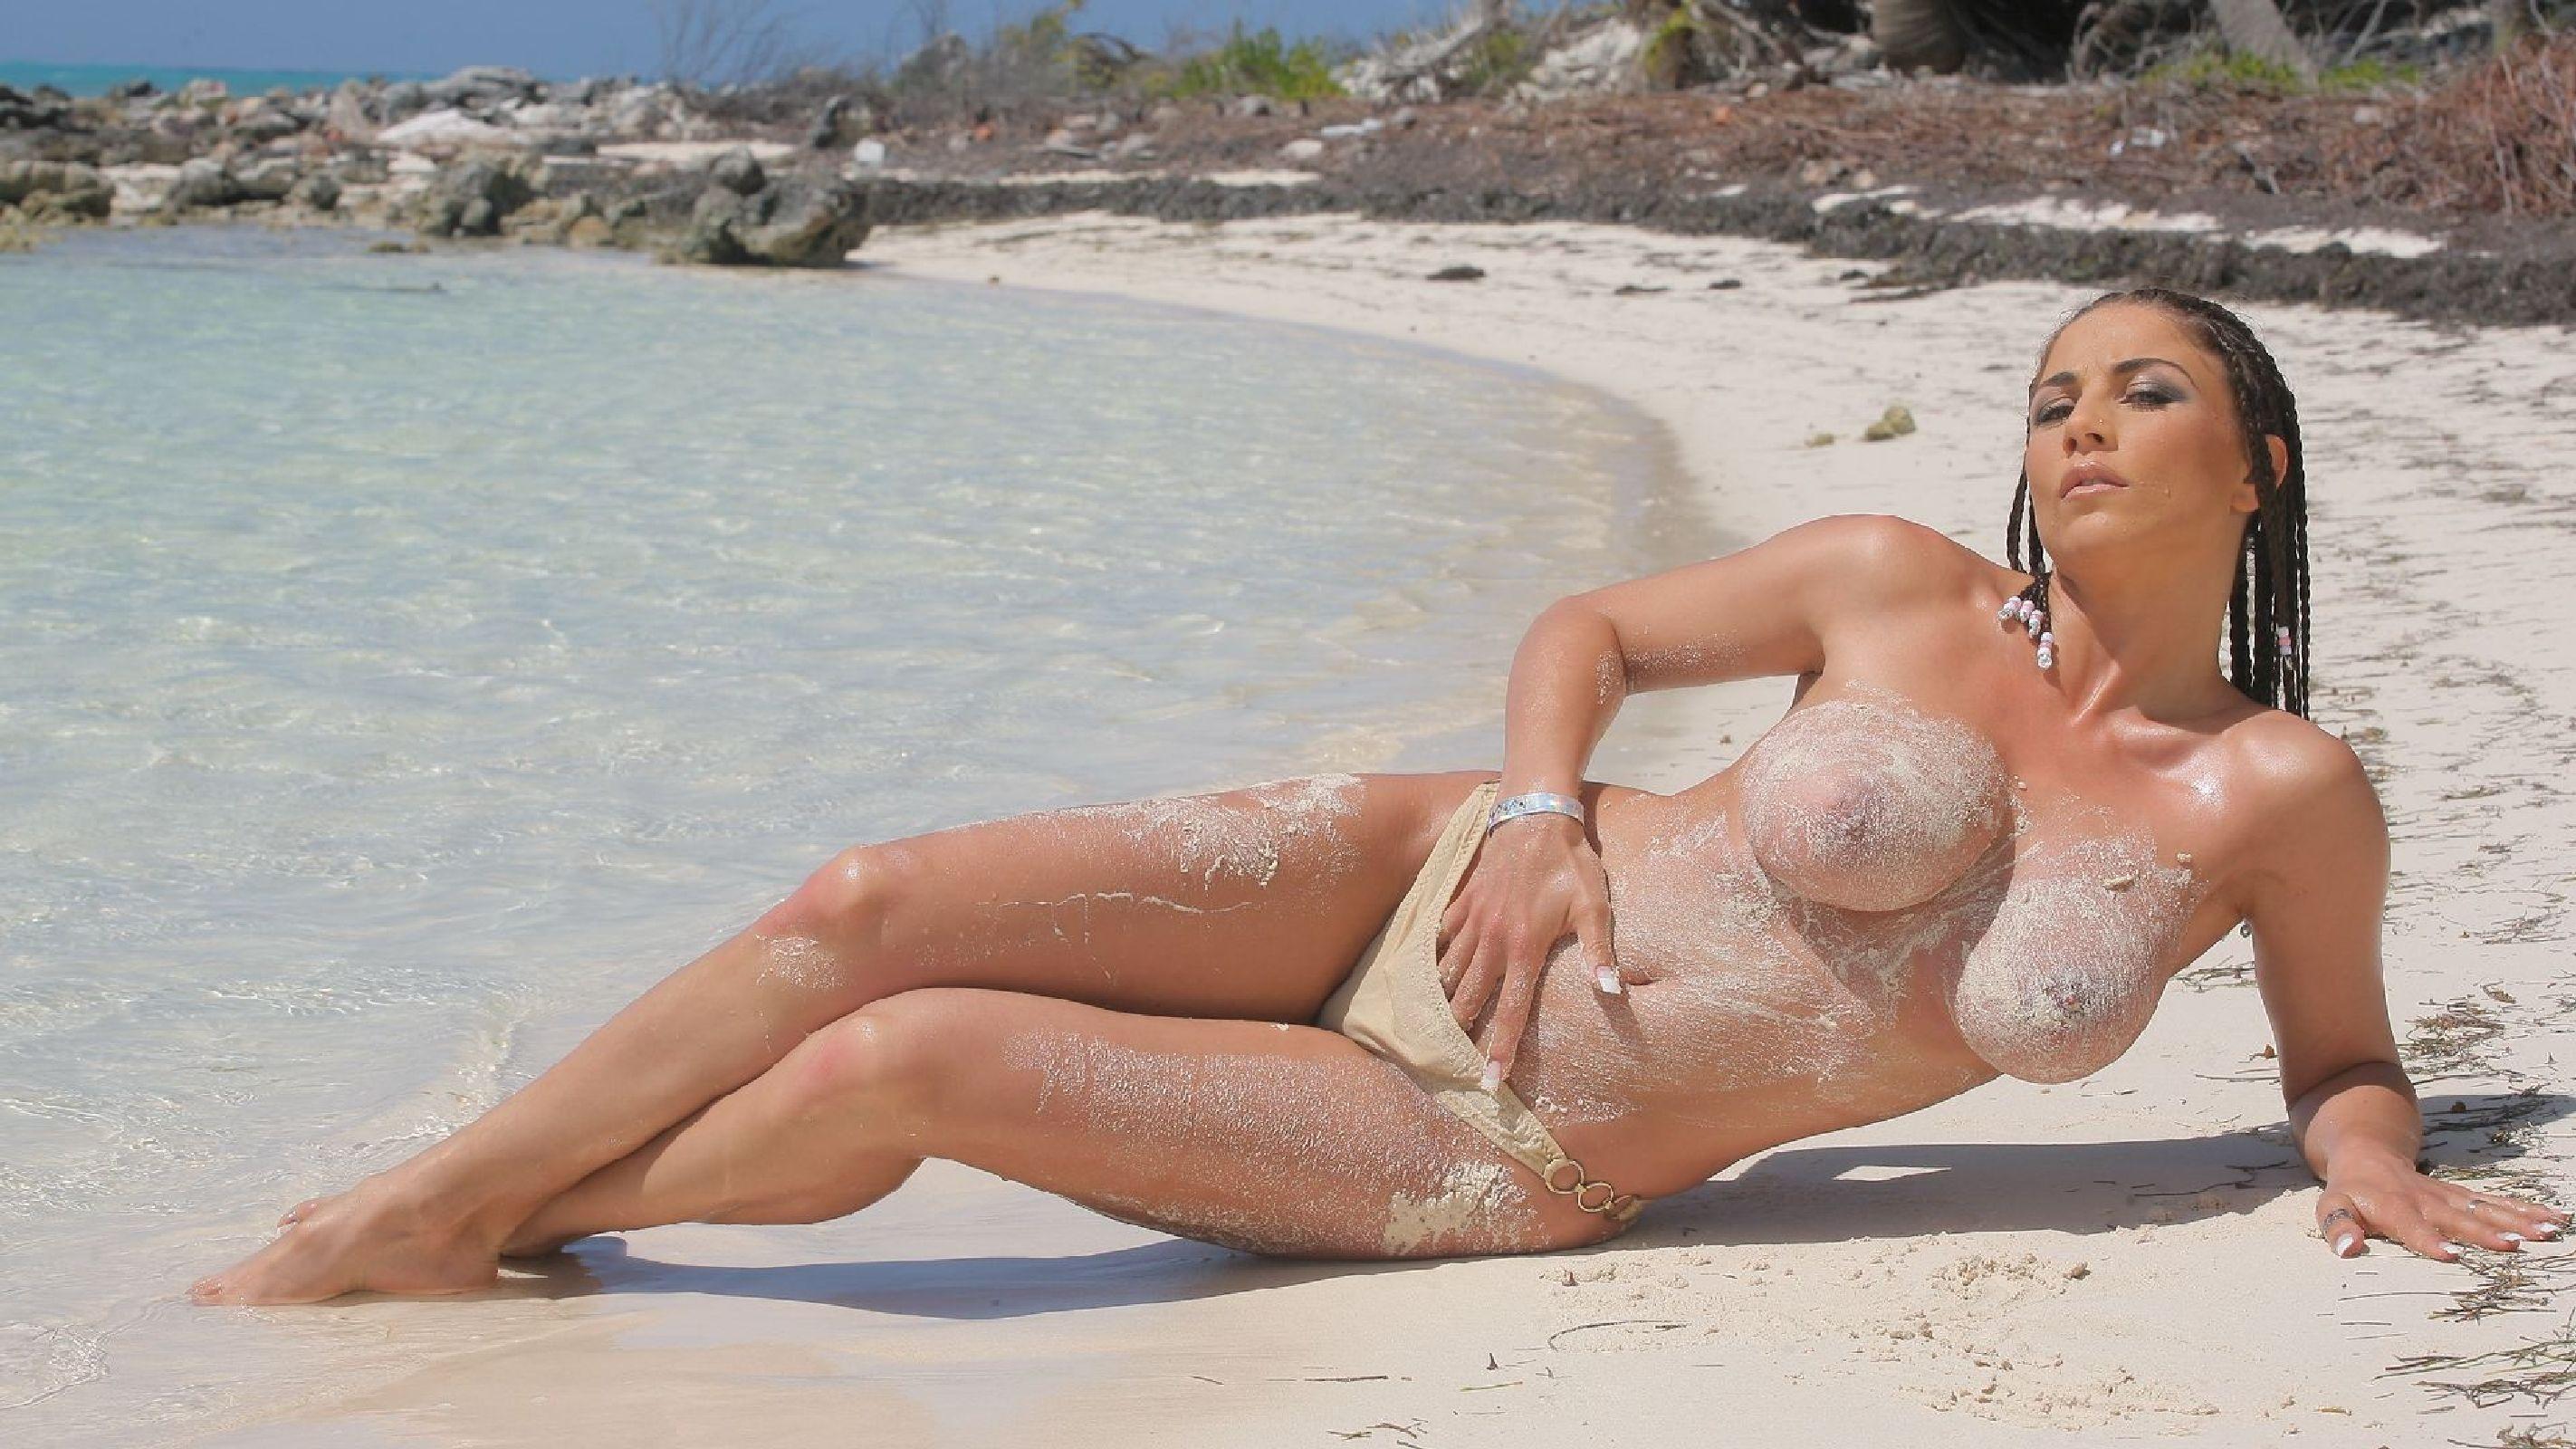 Beach Hd Xxx